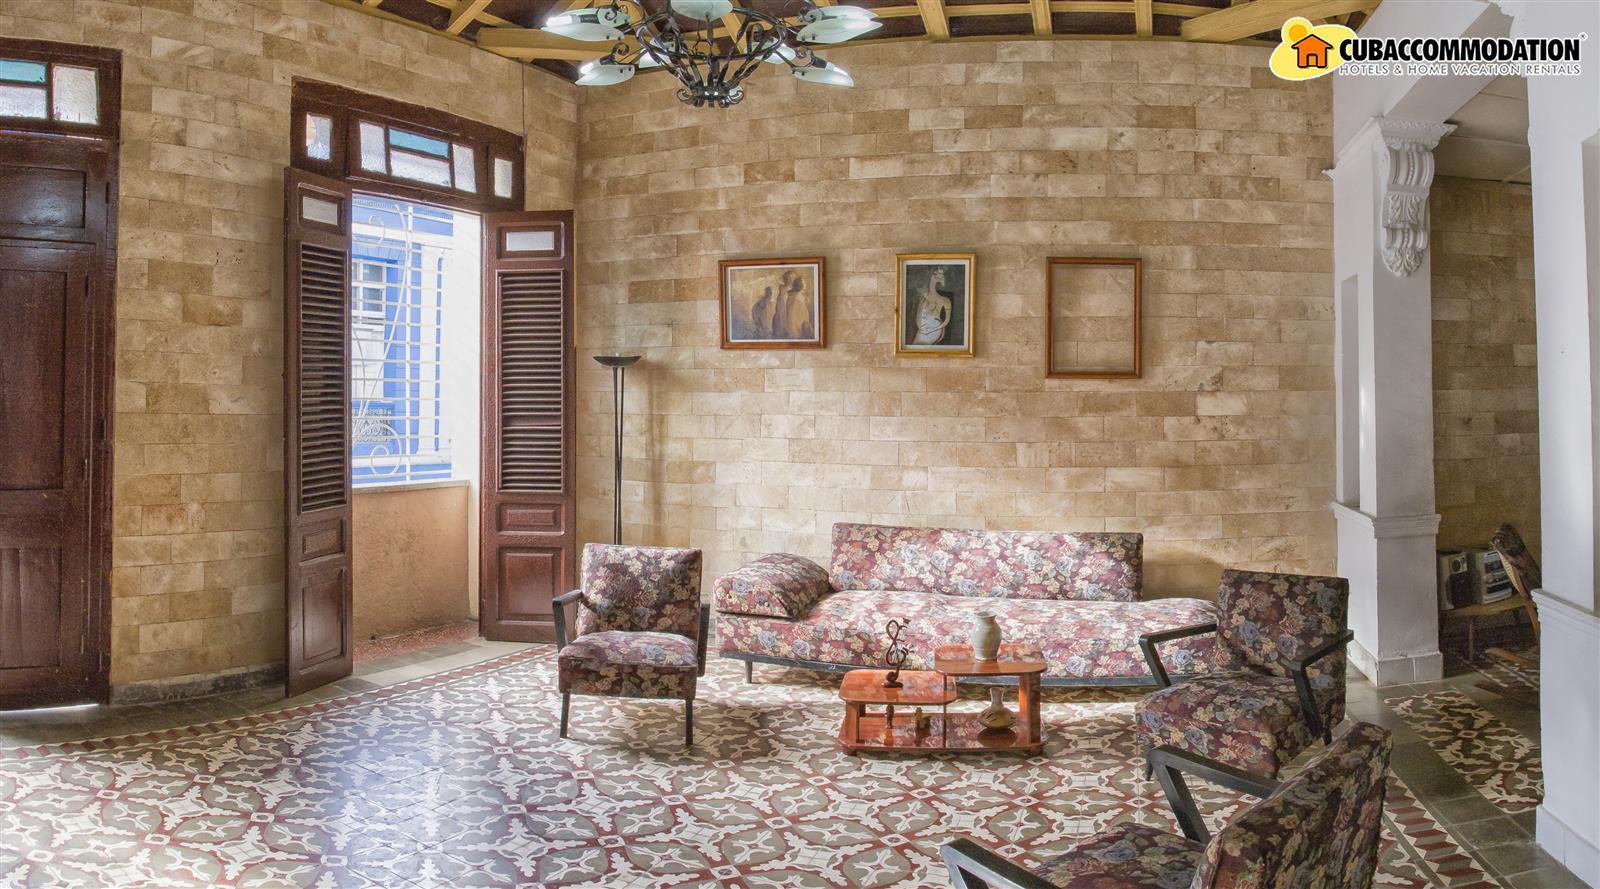 Casa Colonial 1909 Bbinn Casas Particulares In Cuba